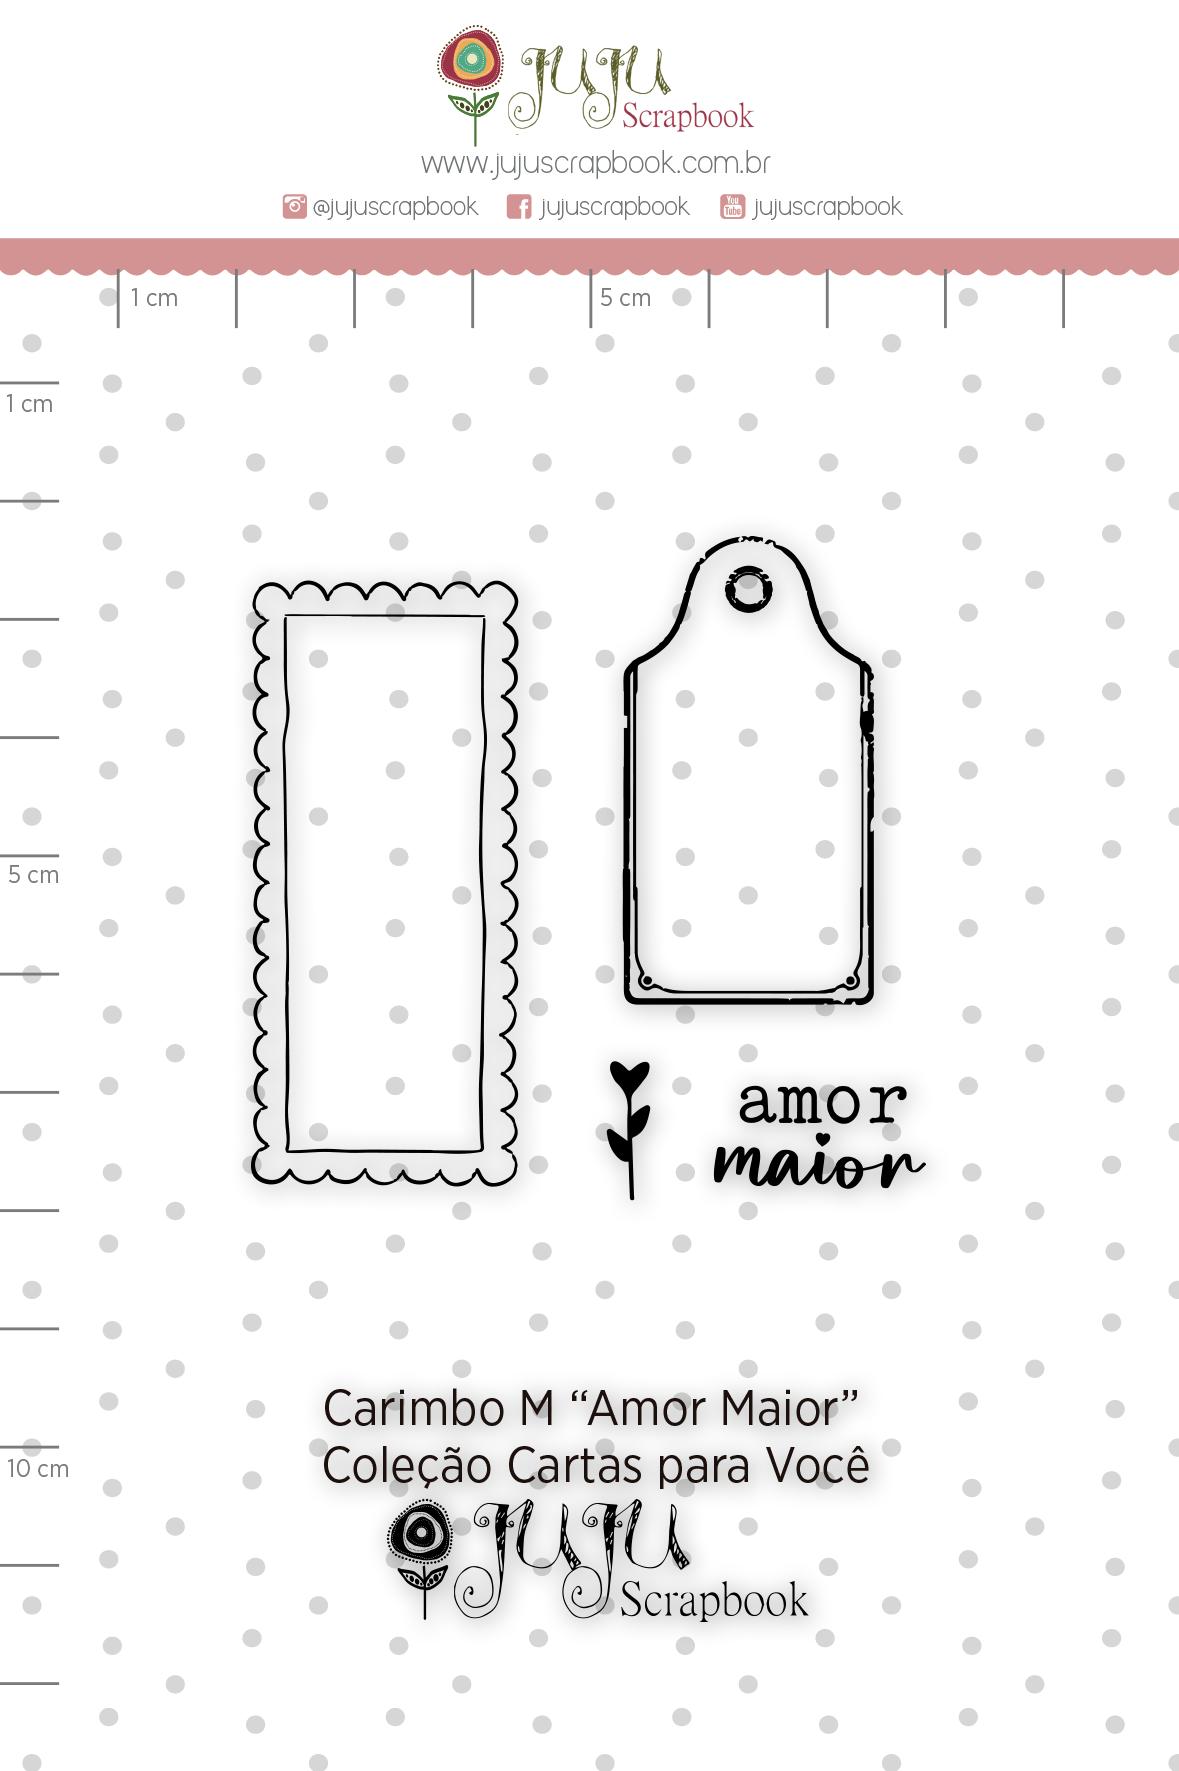 Carimbo M Amor Maior - Coleção Cartas para Você - JuJu Scrapbook  - JuJu Scrapbook